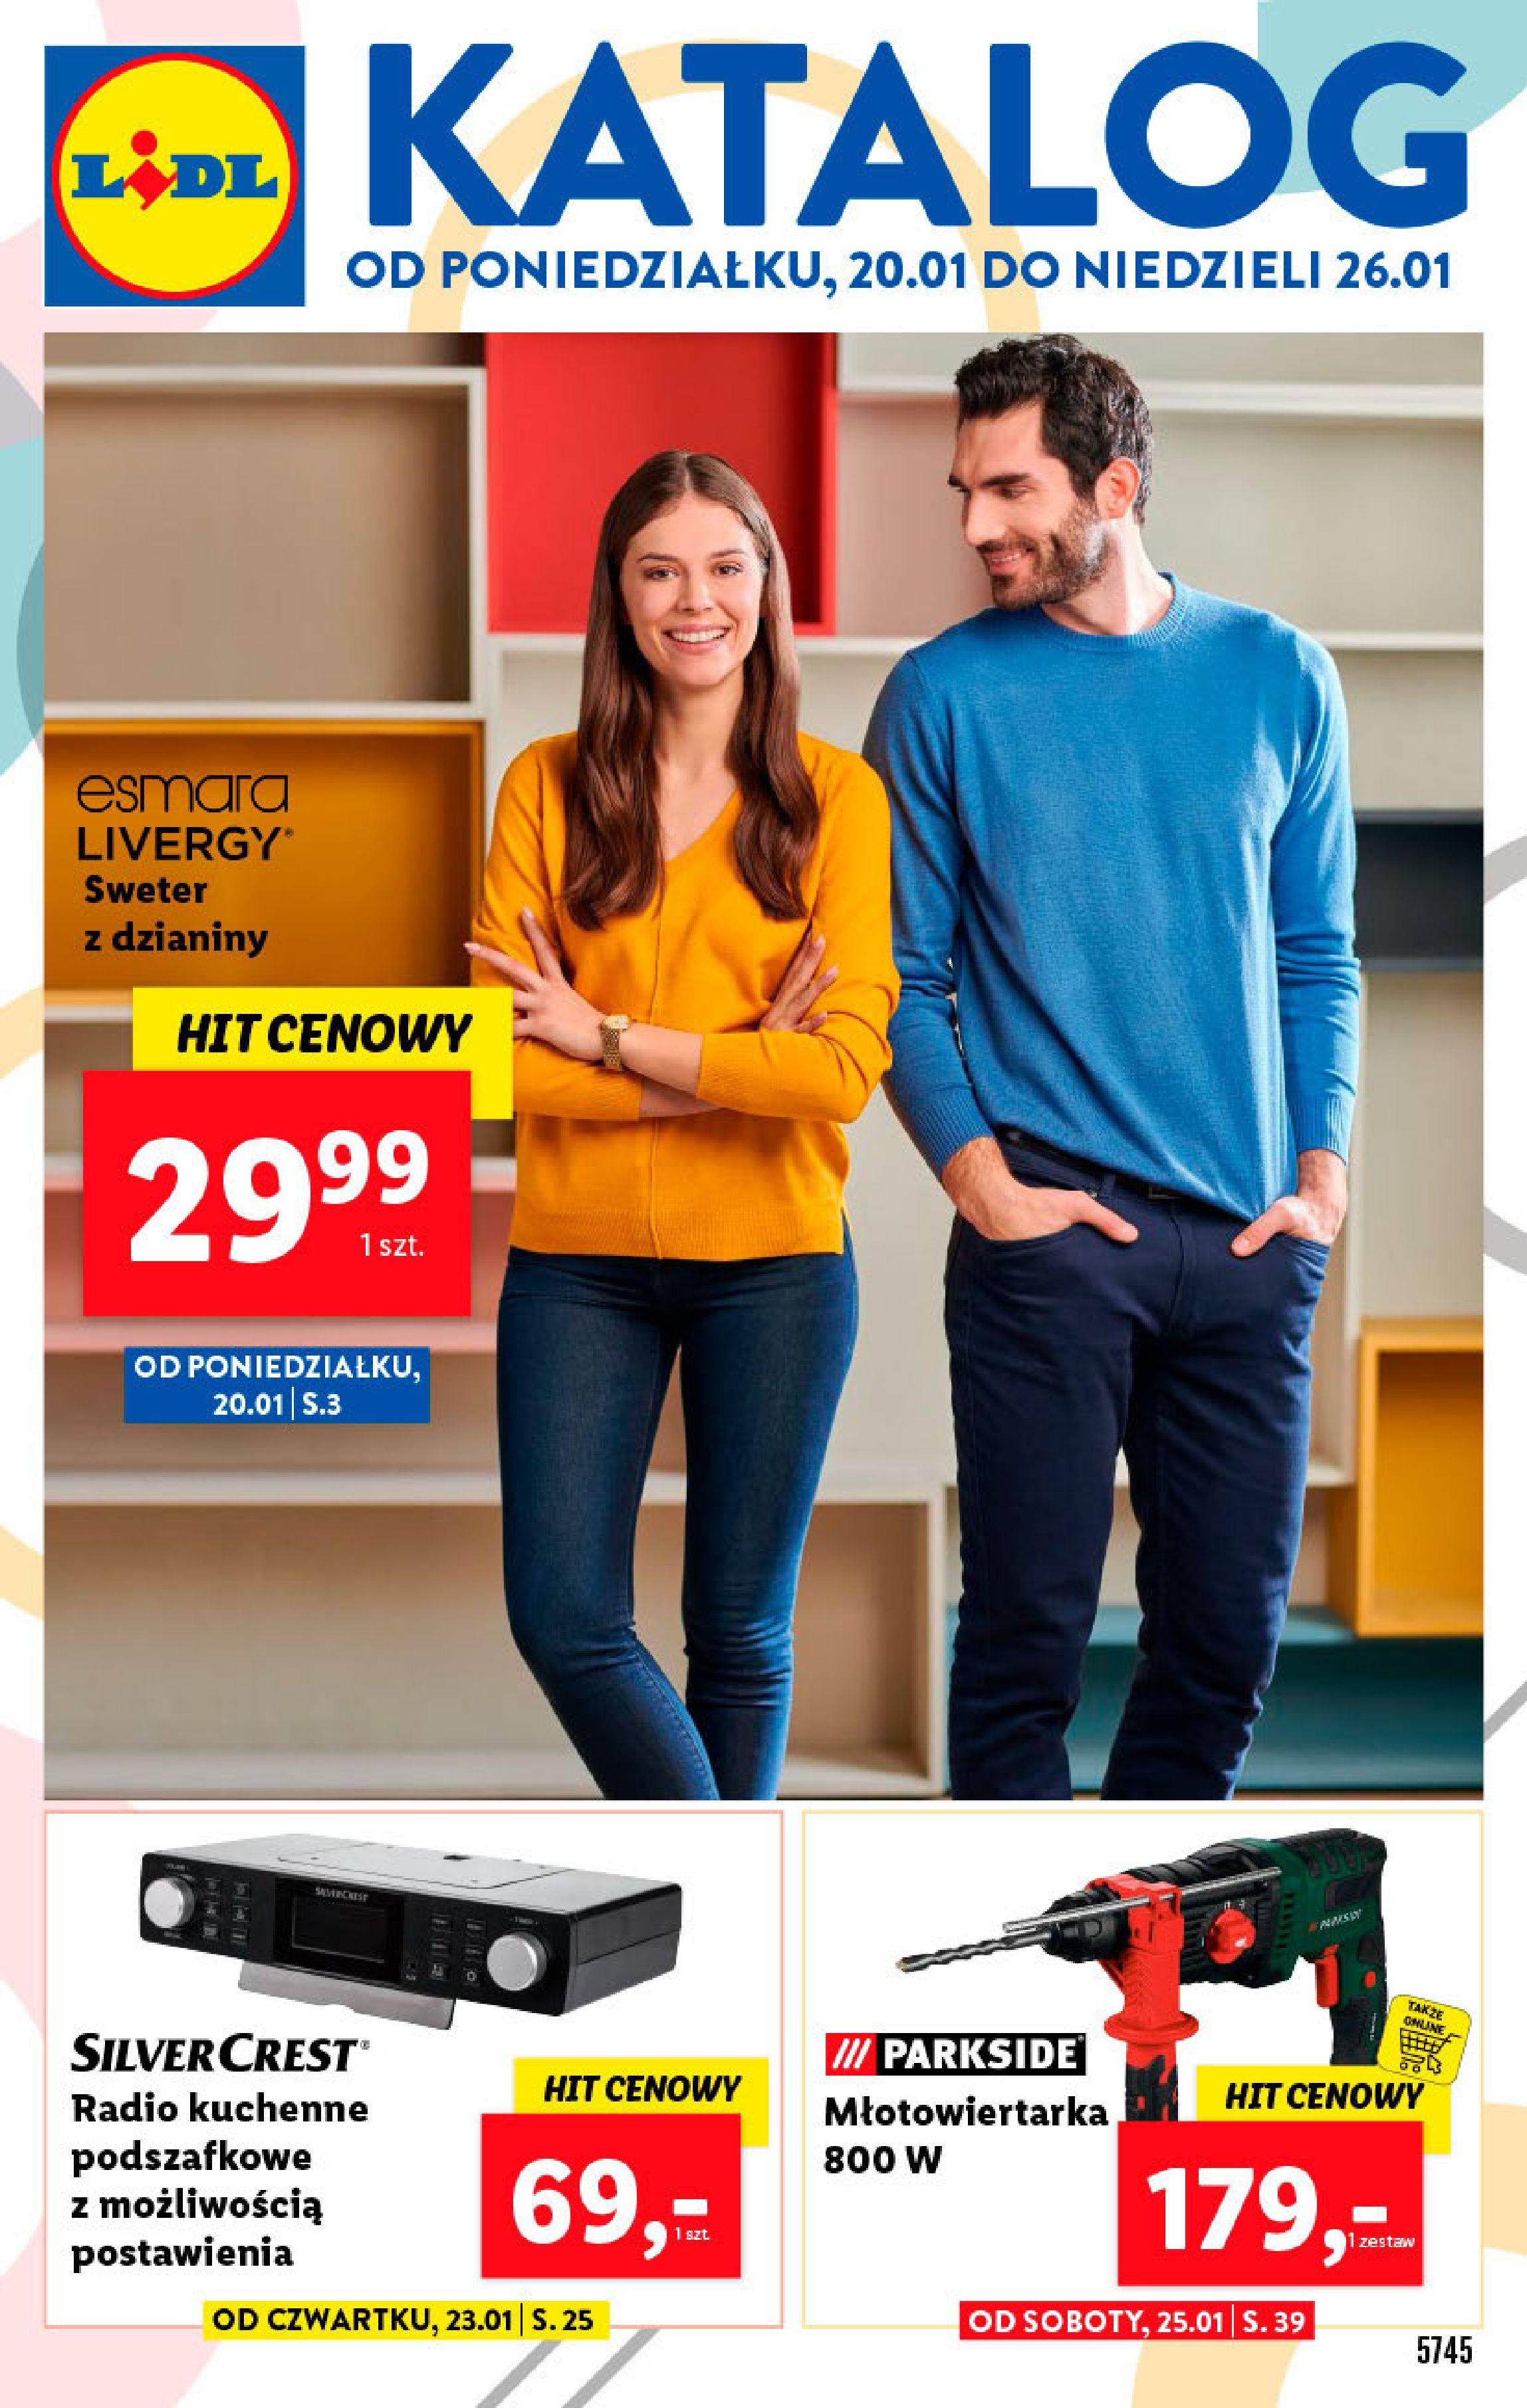 Gazetka Lidl - Katalog od poniedziałku-19.01.2020-26.01.2020-page-1